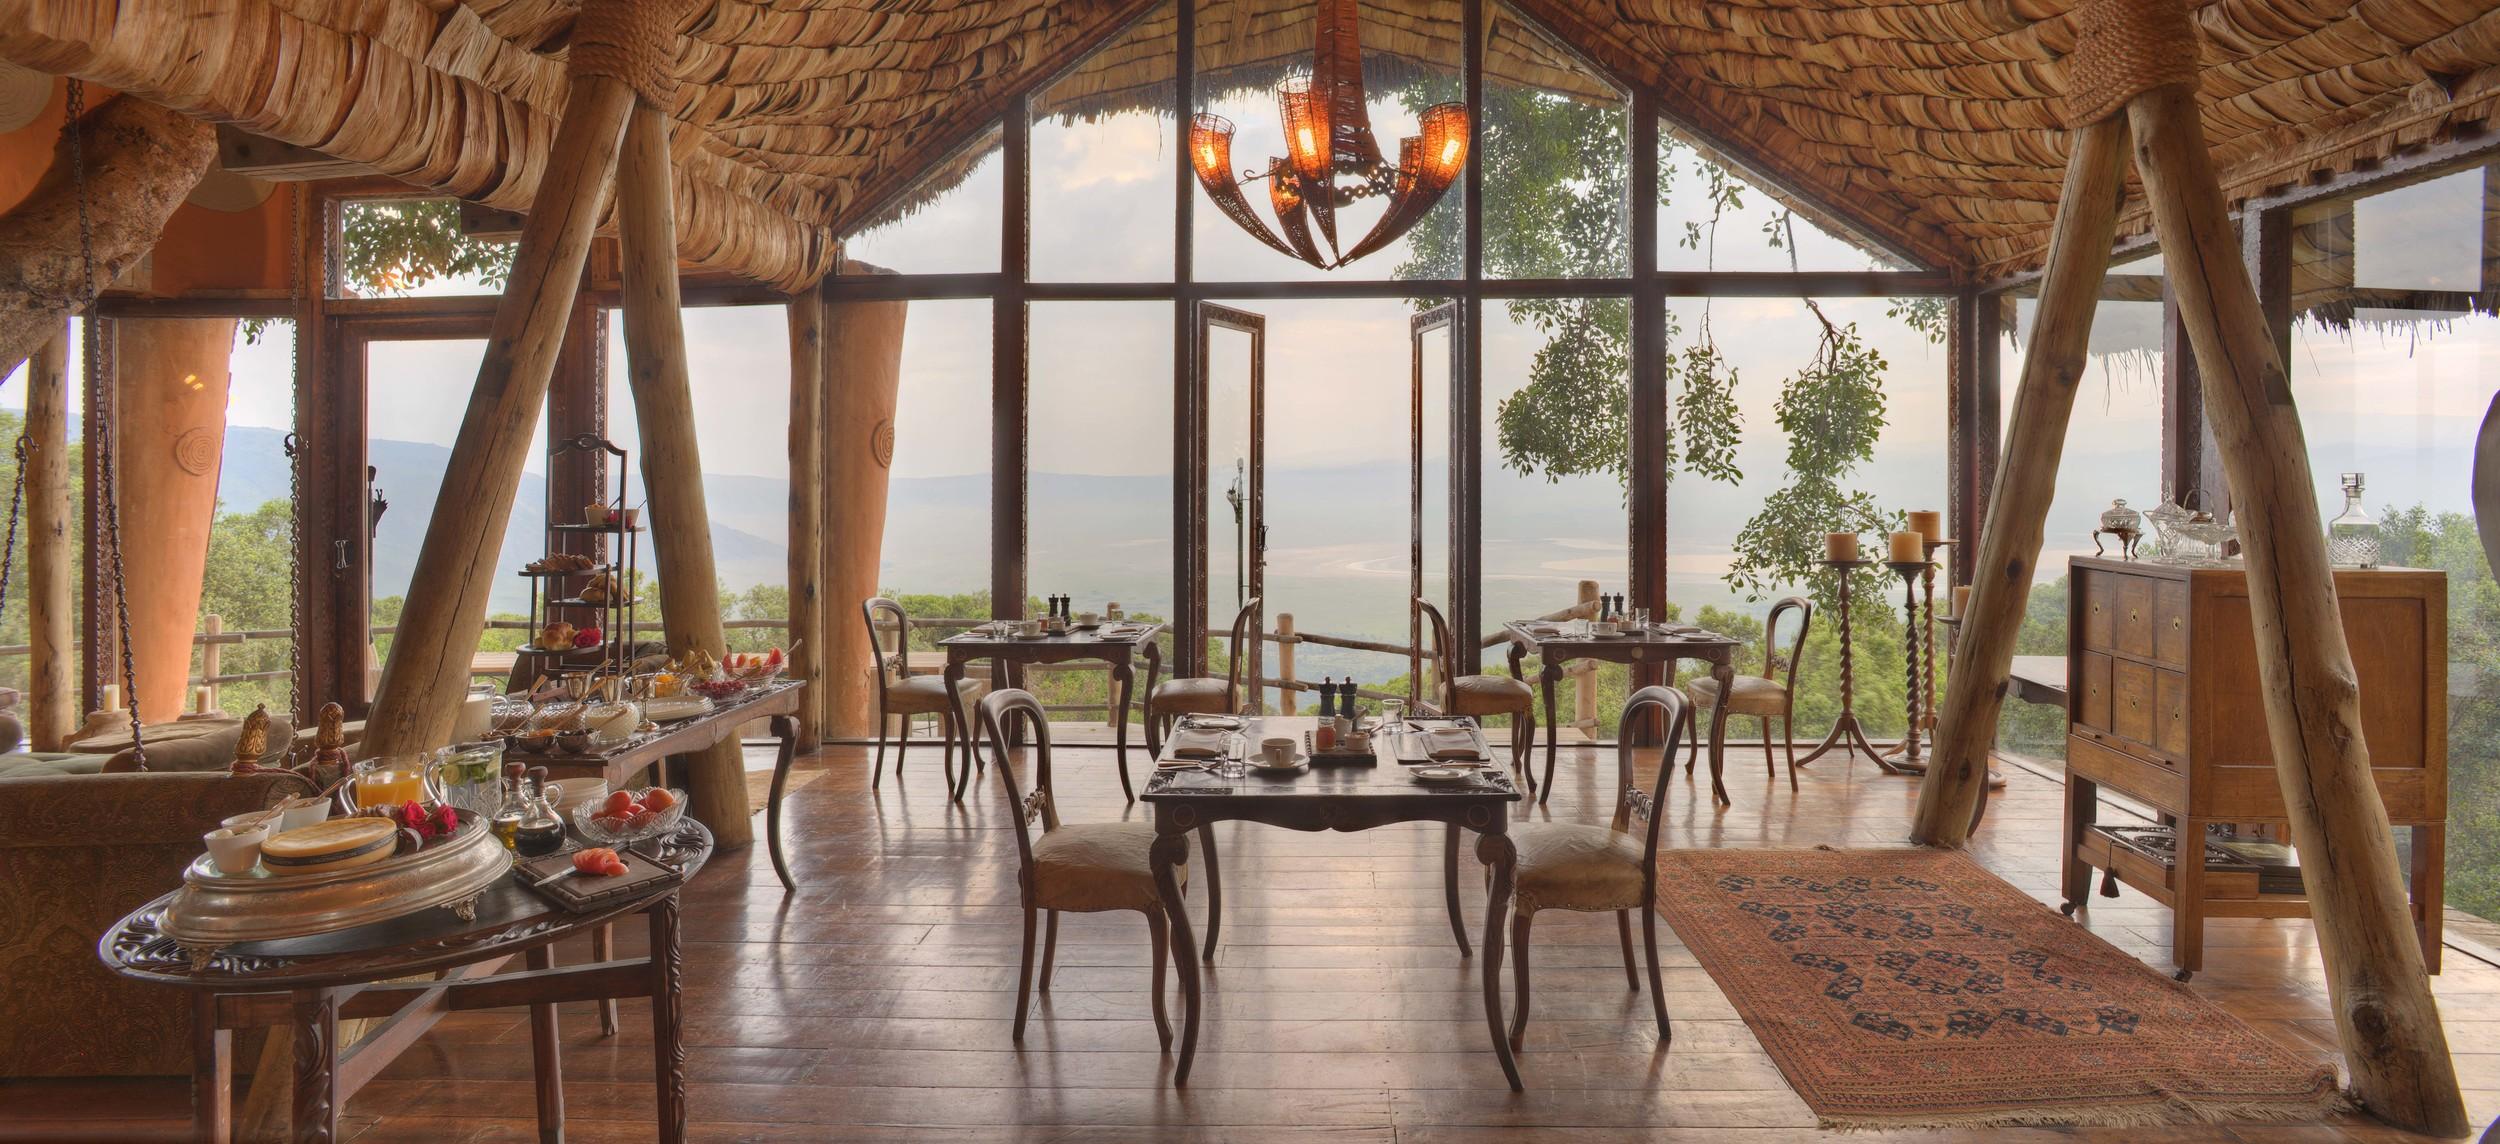 Ngorongoro_crater_lodge17.jpg